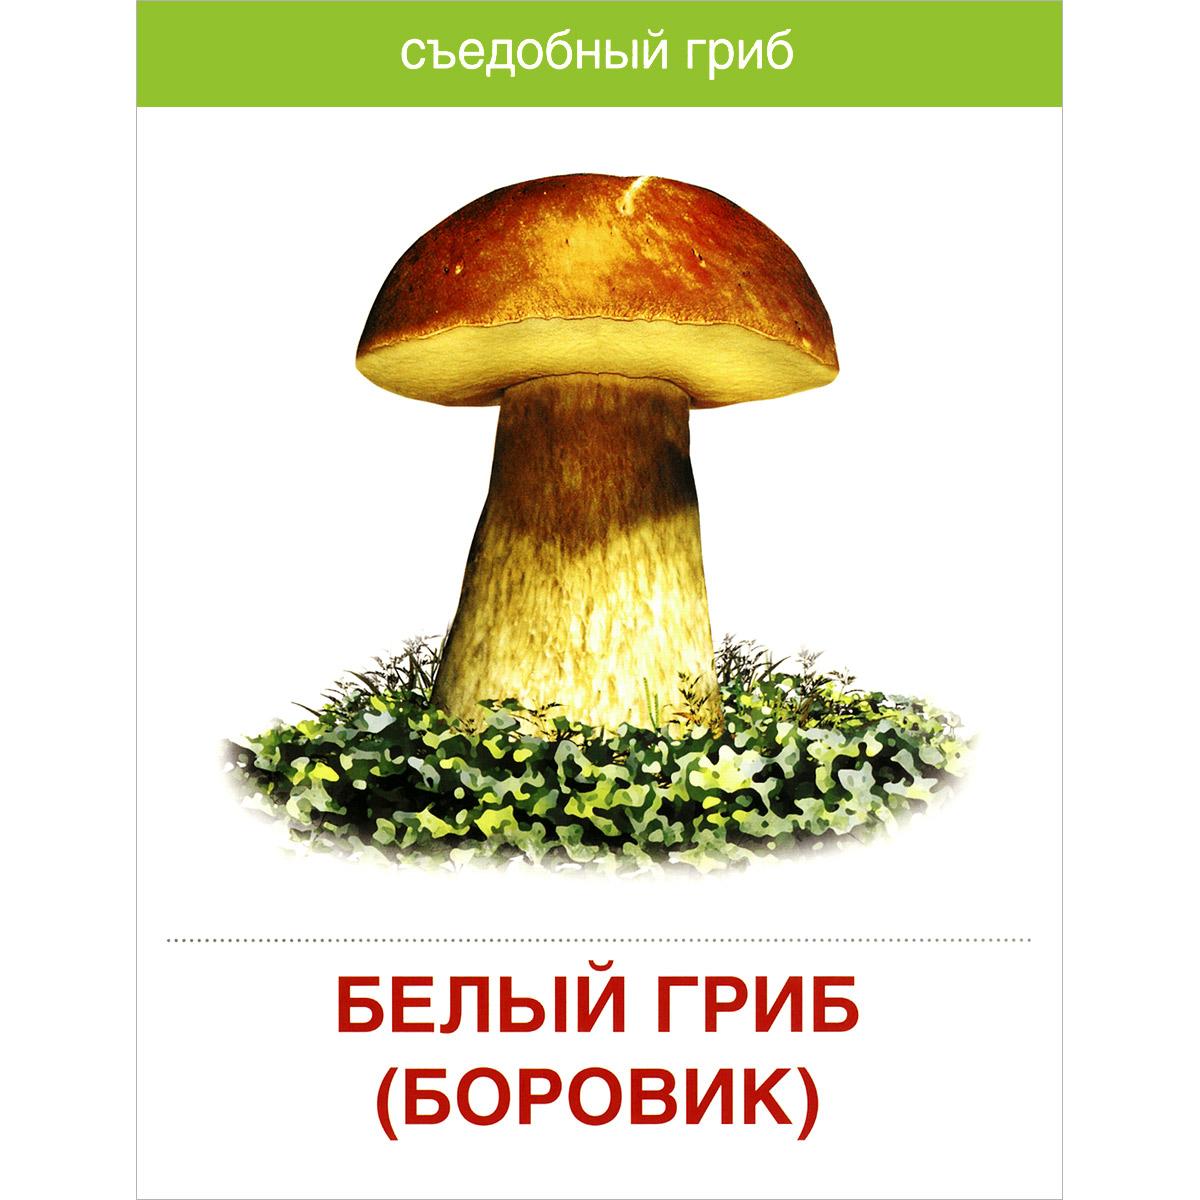 Надписями, картинки съедобных грибов с надписями